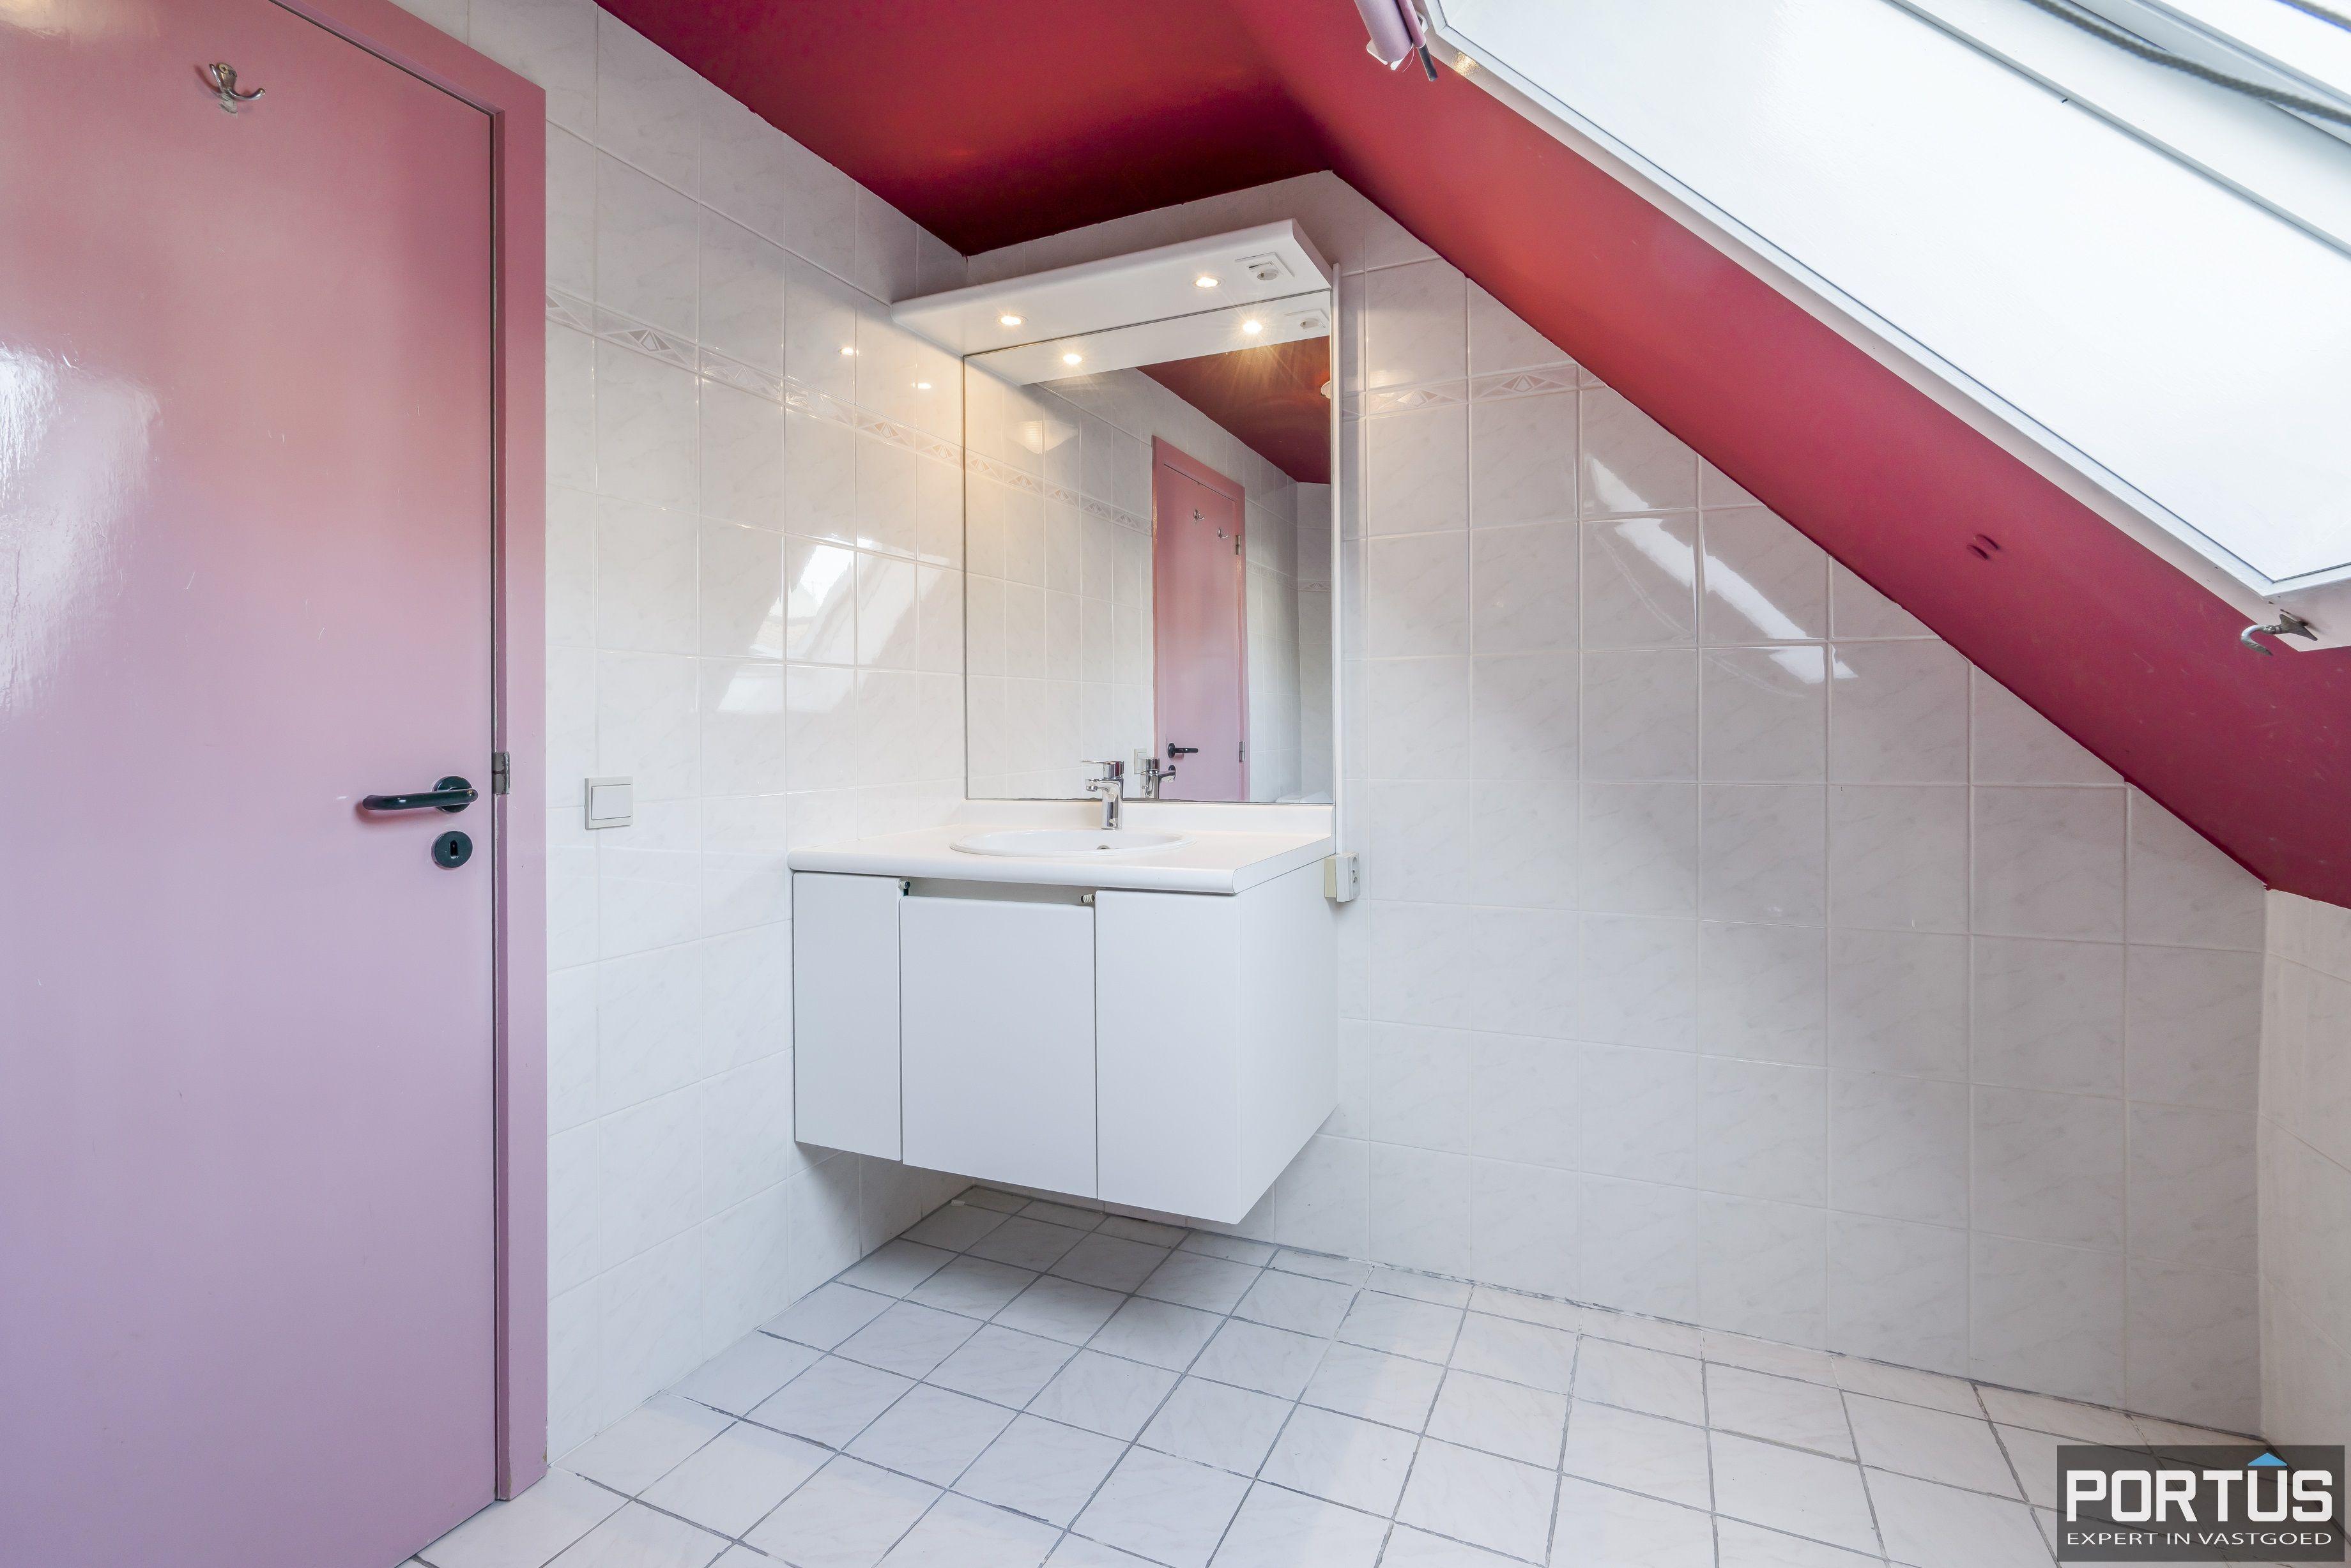 Villa te koop met 3 slaapkamers te Nieuwpoort - 14023